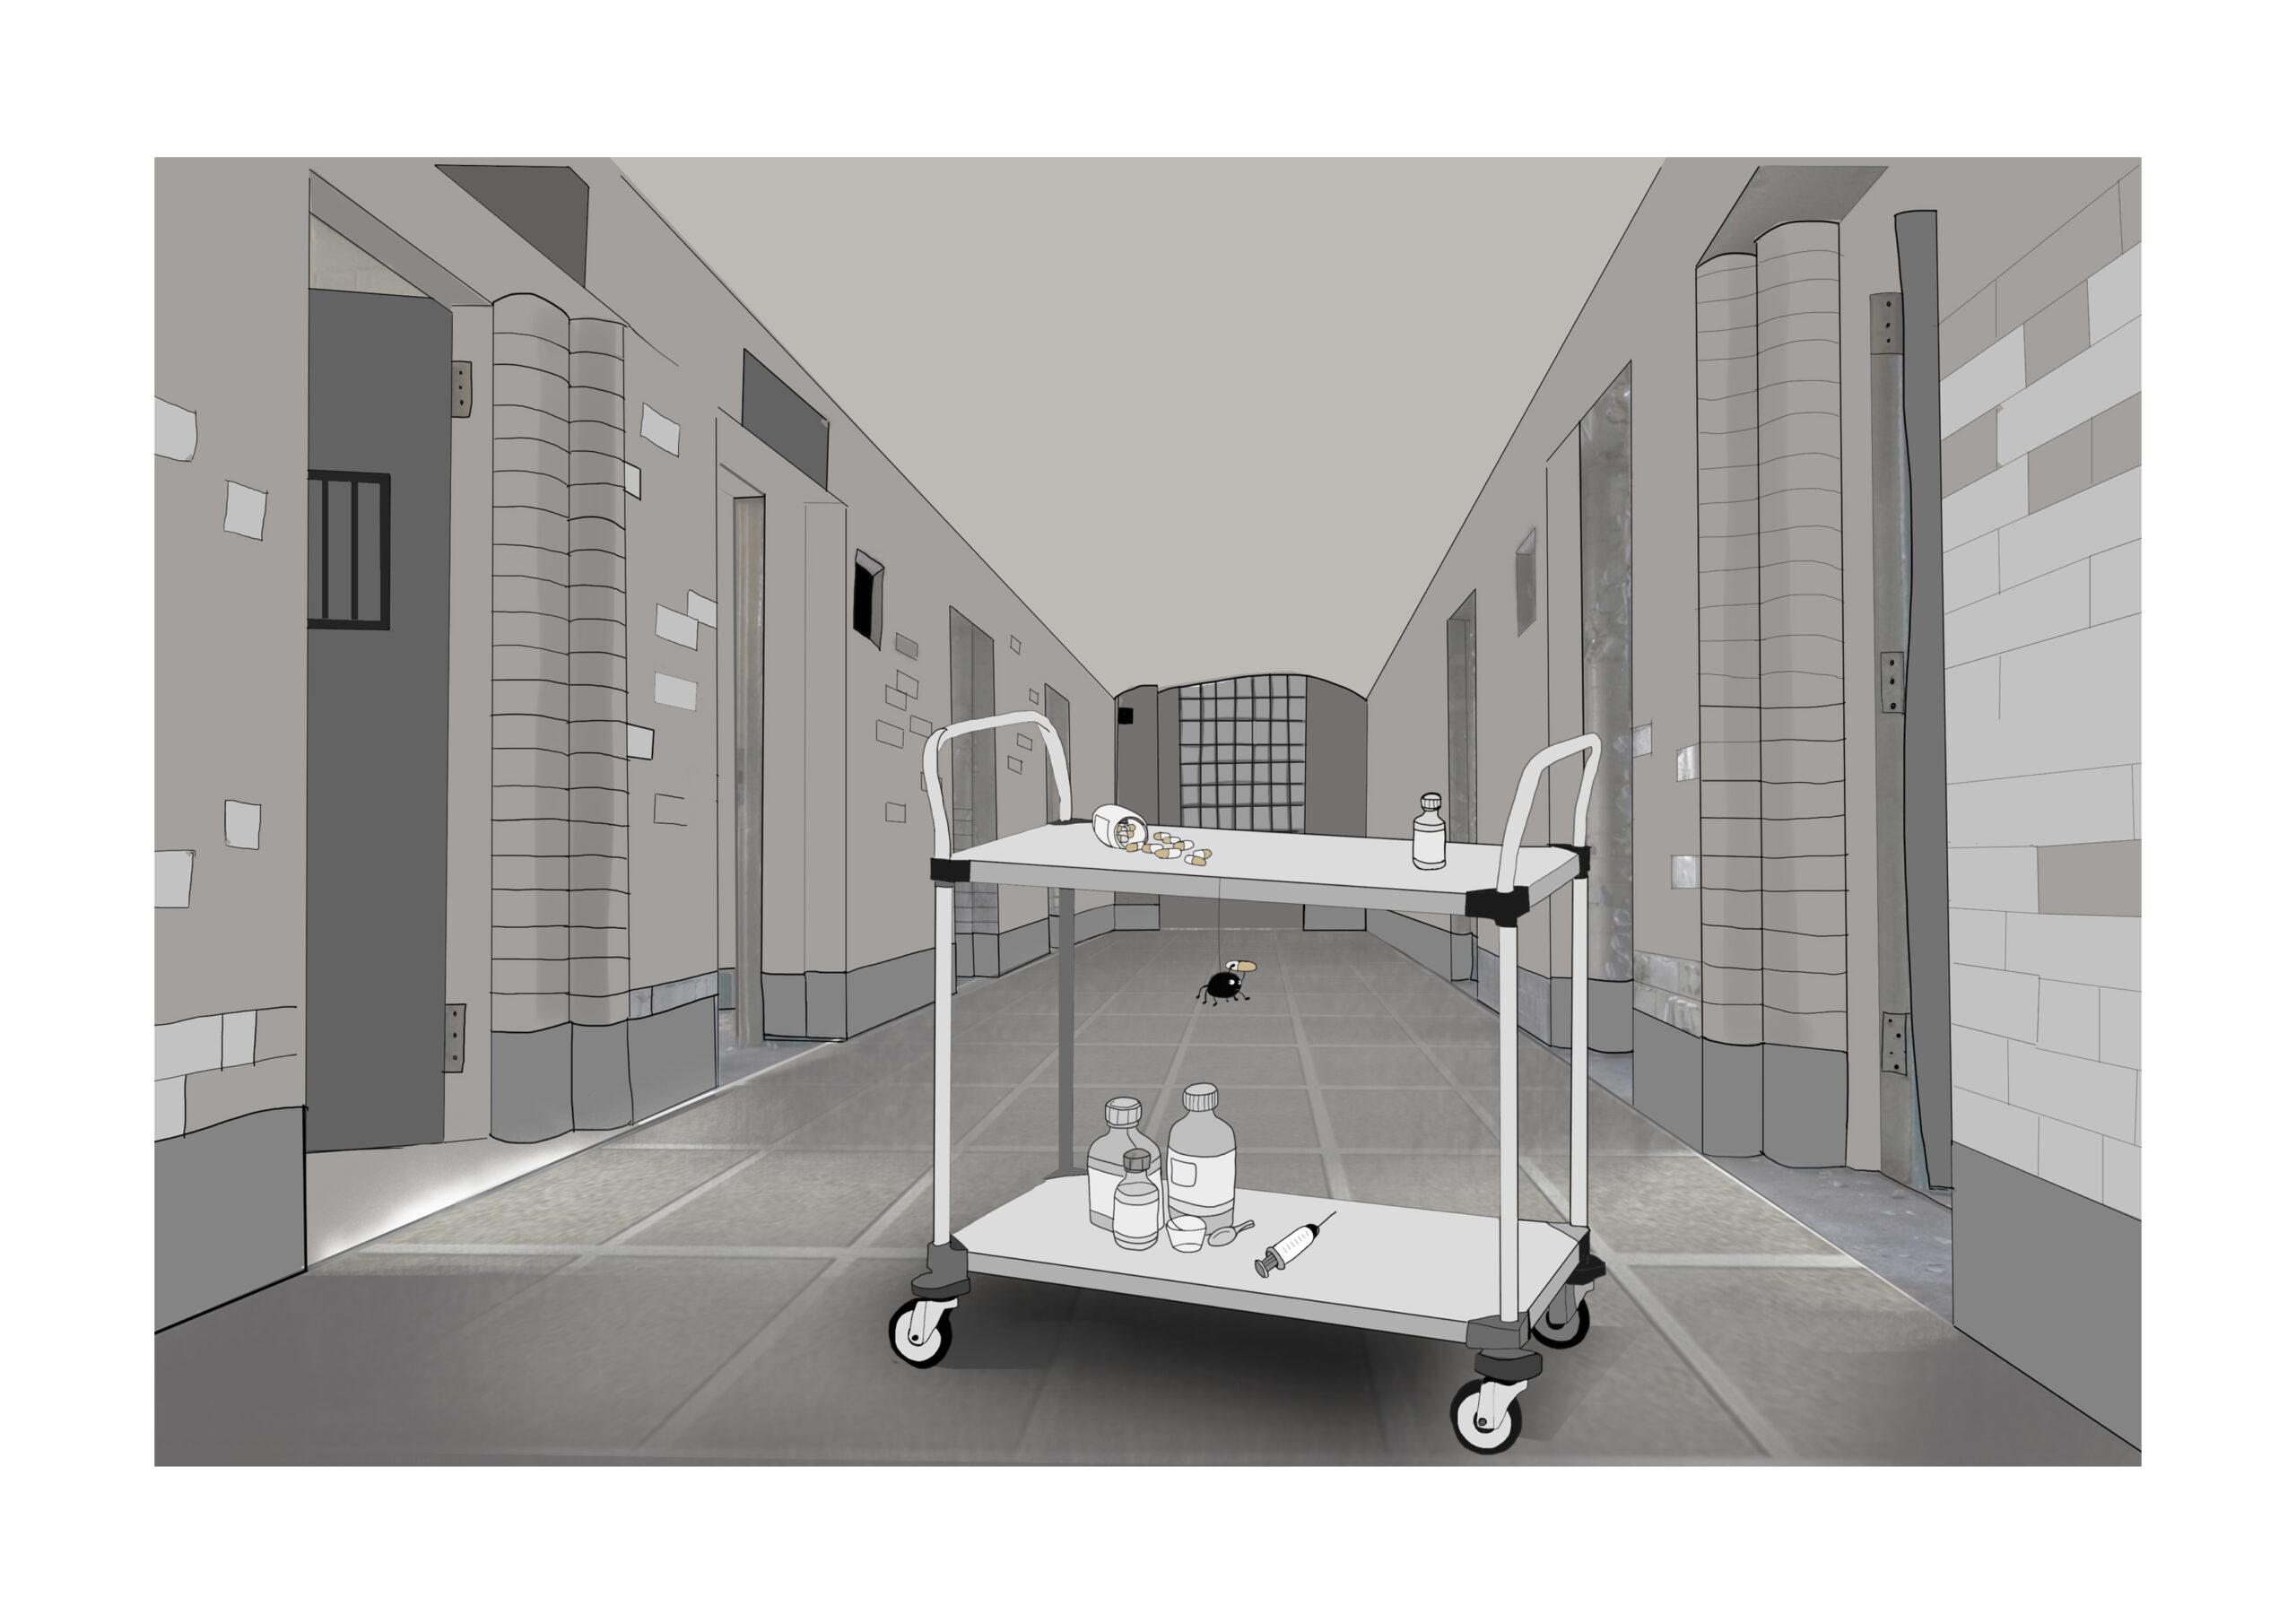 couloirs_annexe_1_.jpg